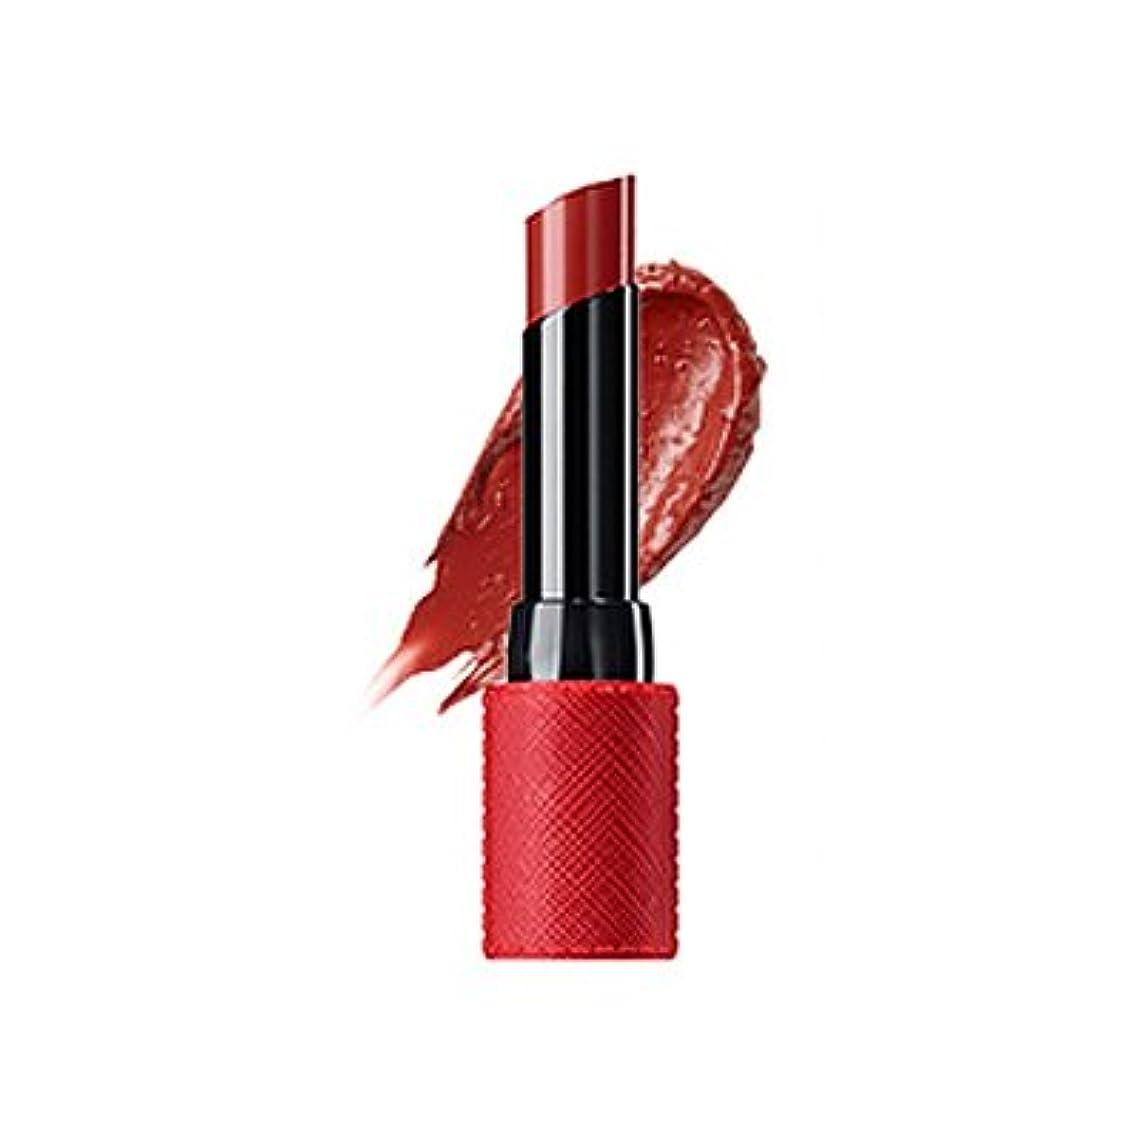 多年生リングバックゆでる【The Saem】ザセム キスホリック リップスティック S レッドブリック/Kissholic Lipstick S Red Brick / RD06